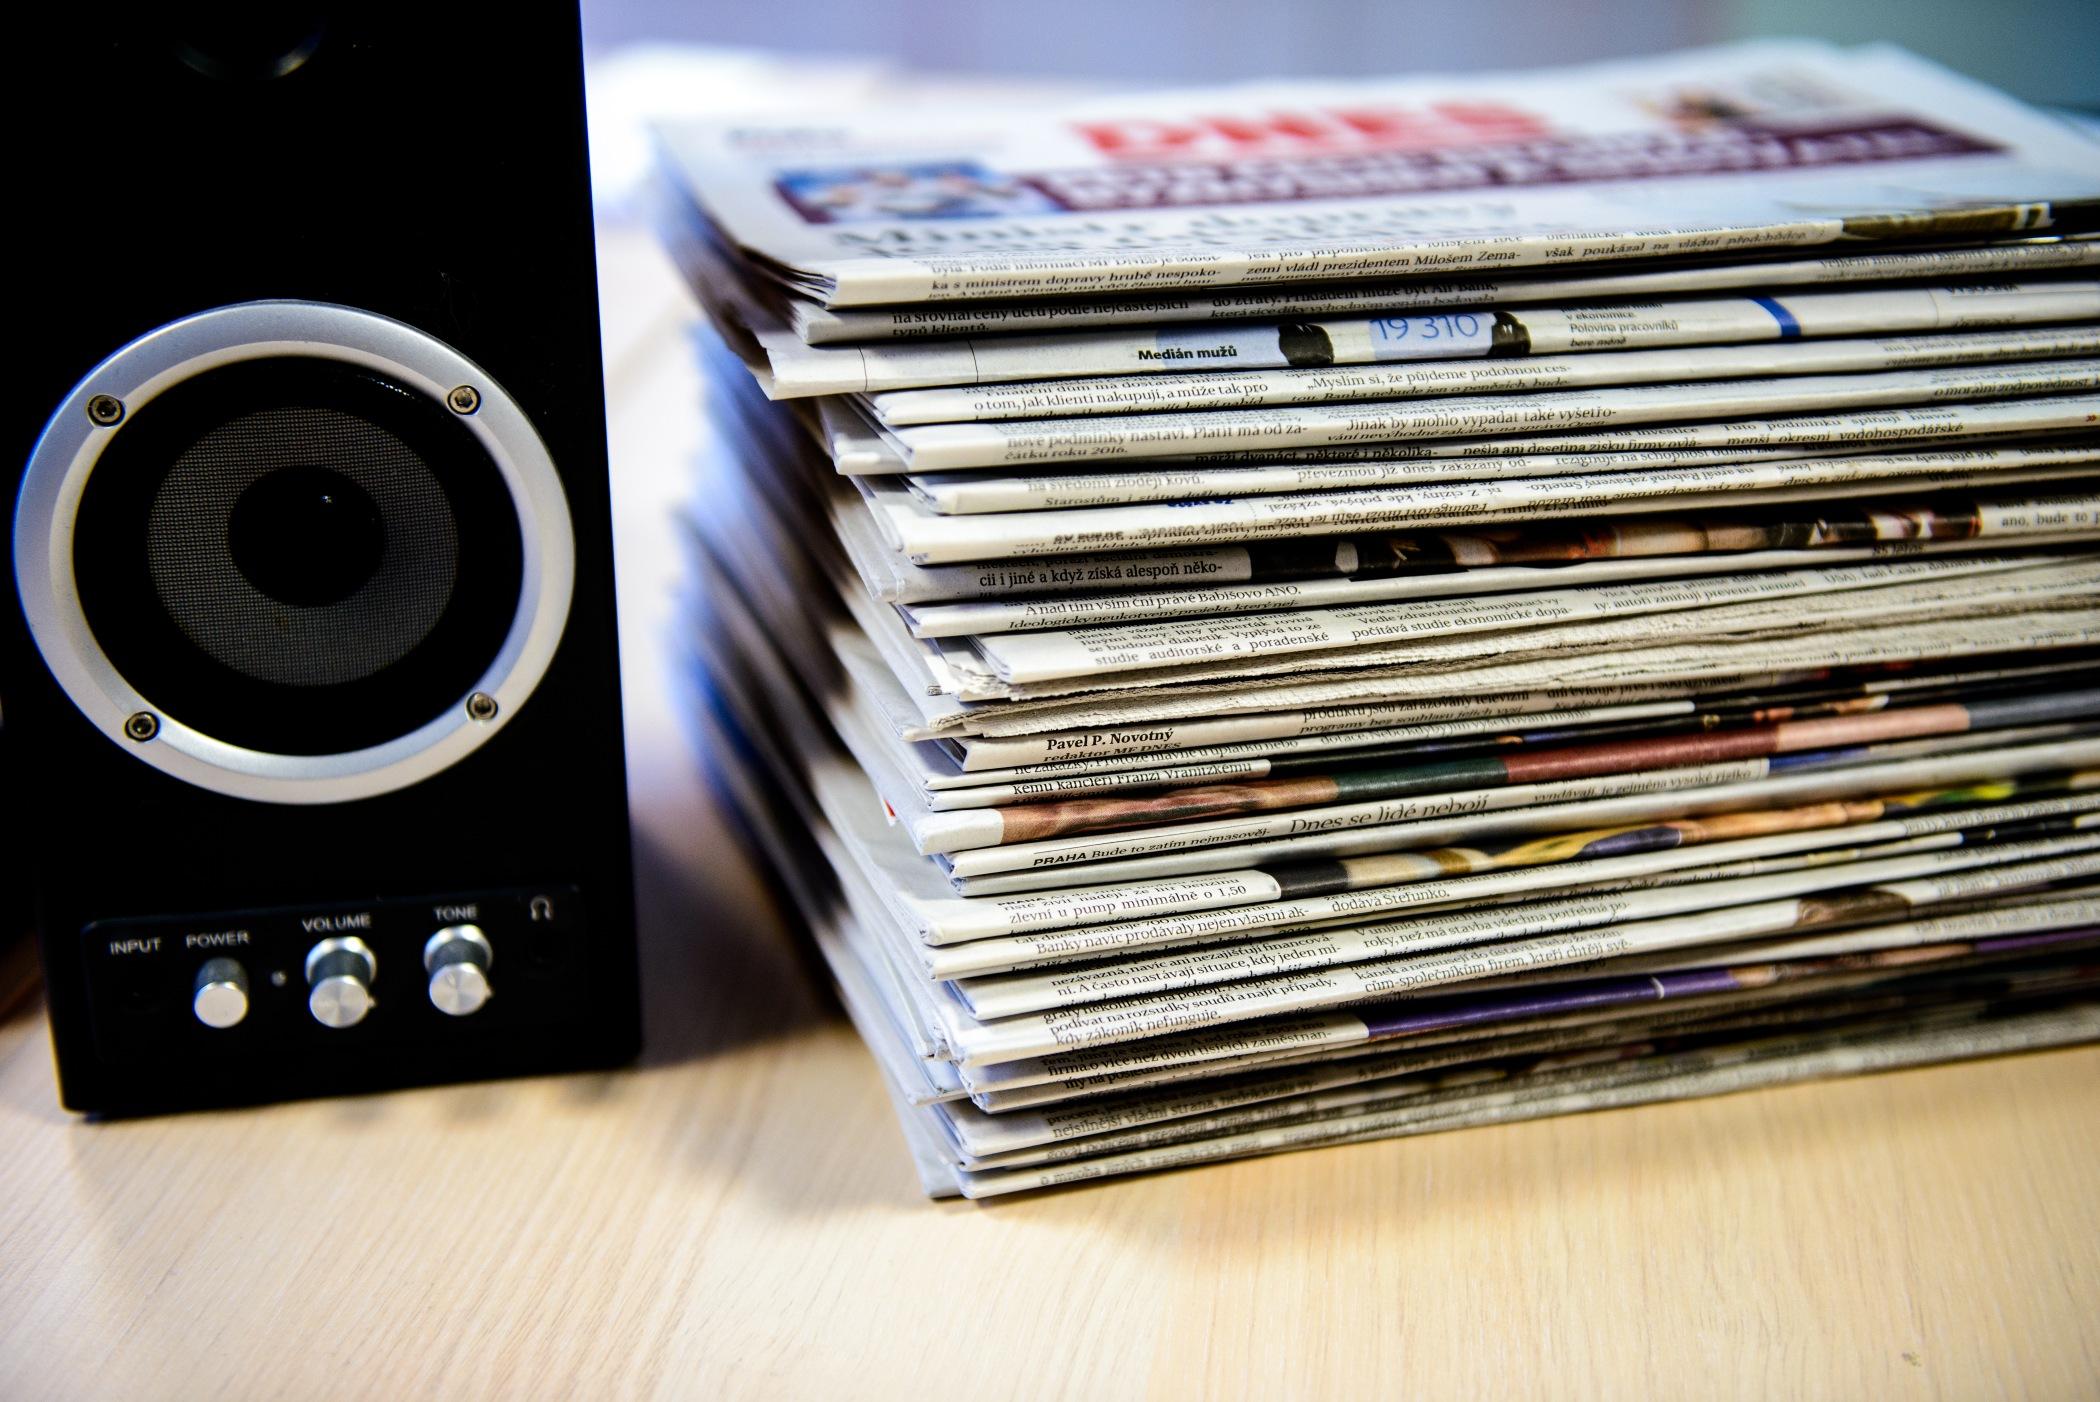 Média, noviny, informace (ilustrační foto)